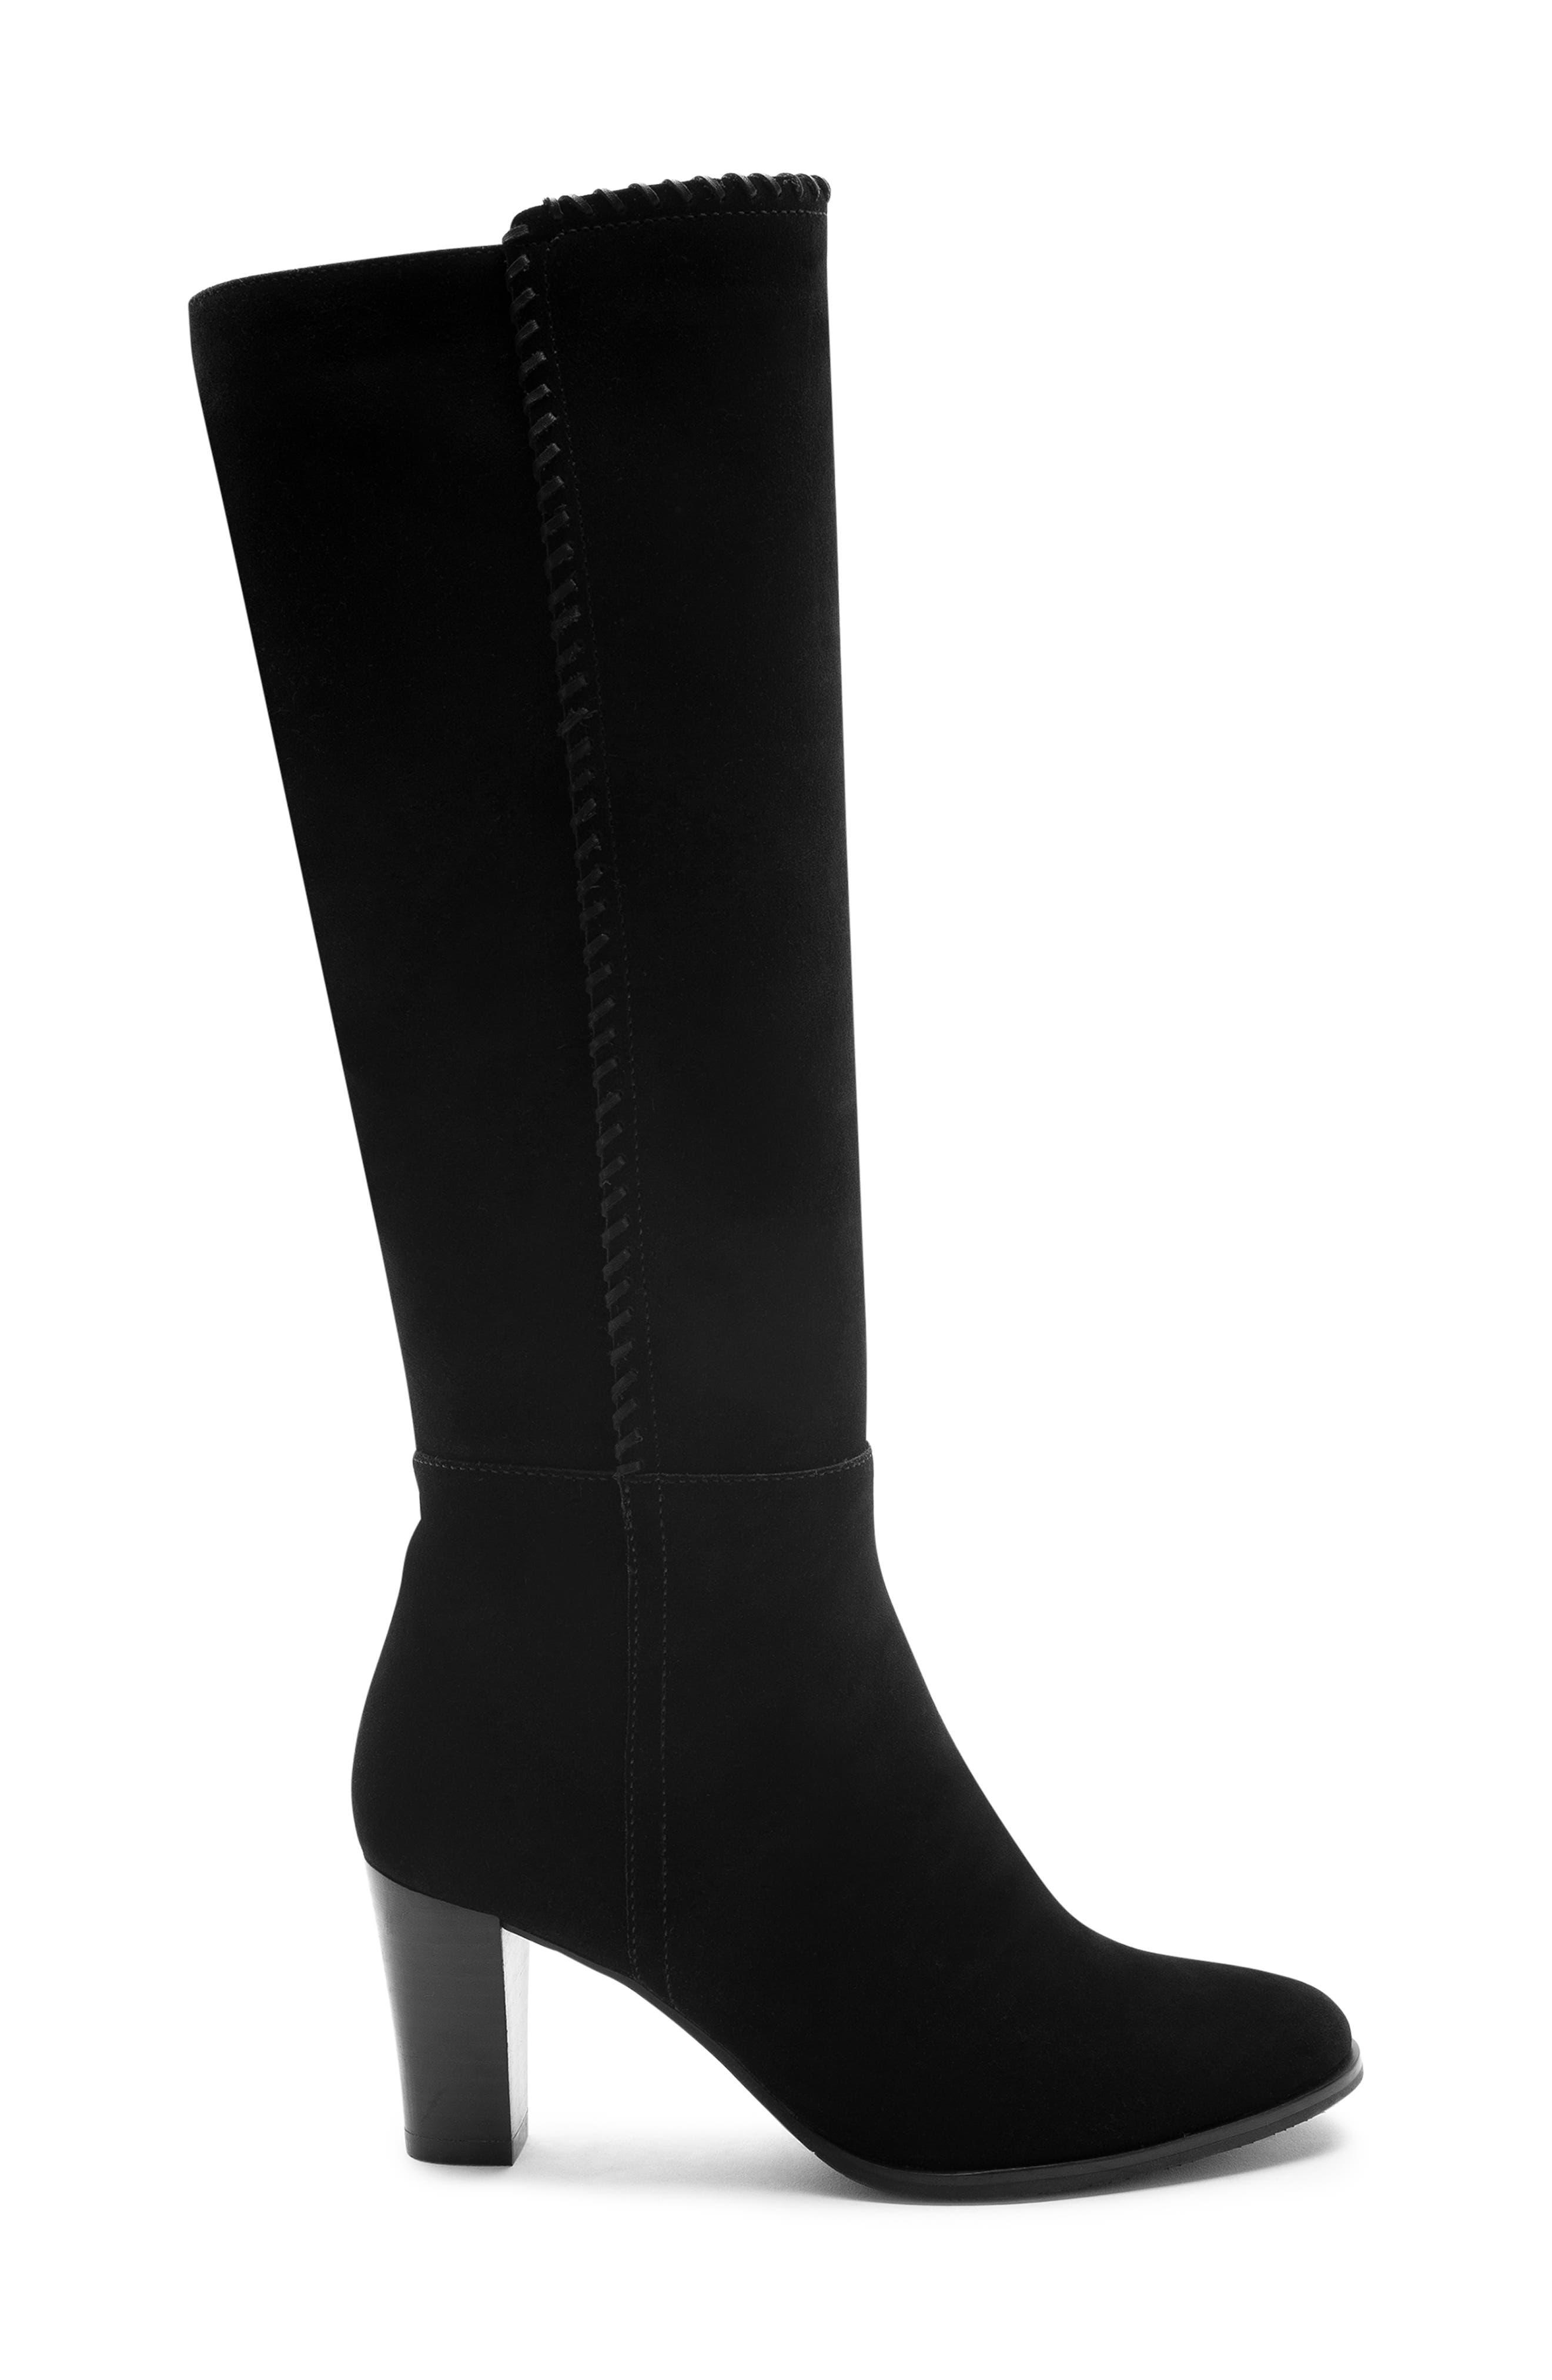 Edith Knee-High Waterproof Suede Boot,                             Alternate thumbnail 3, color,                             Black Suede